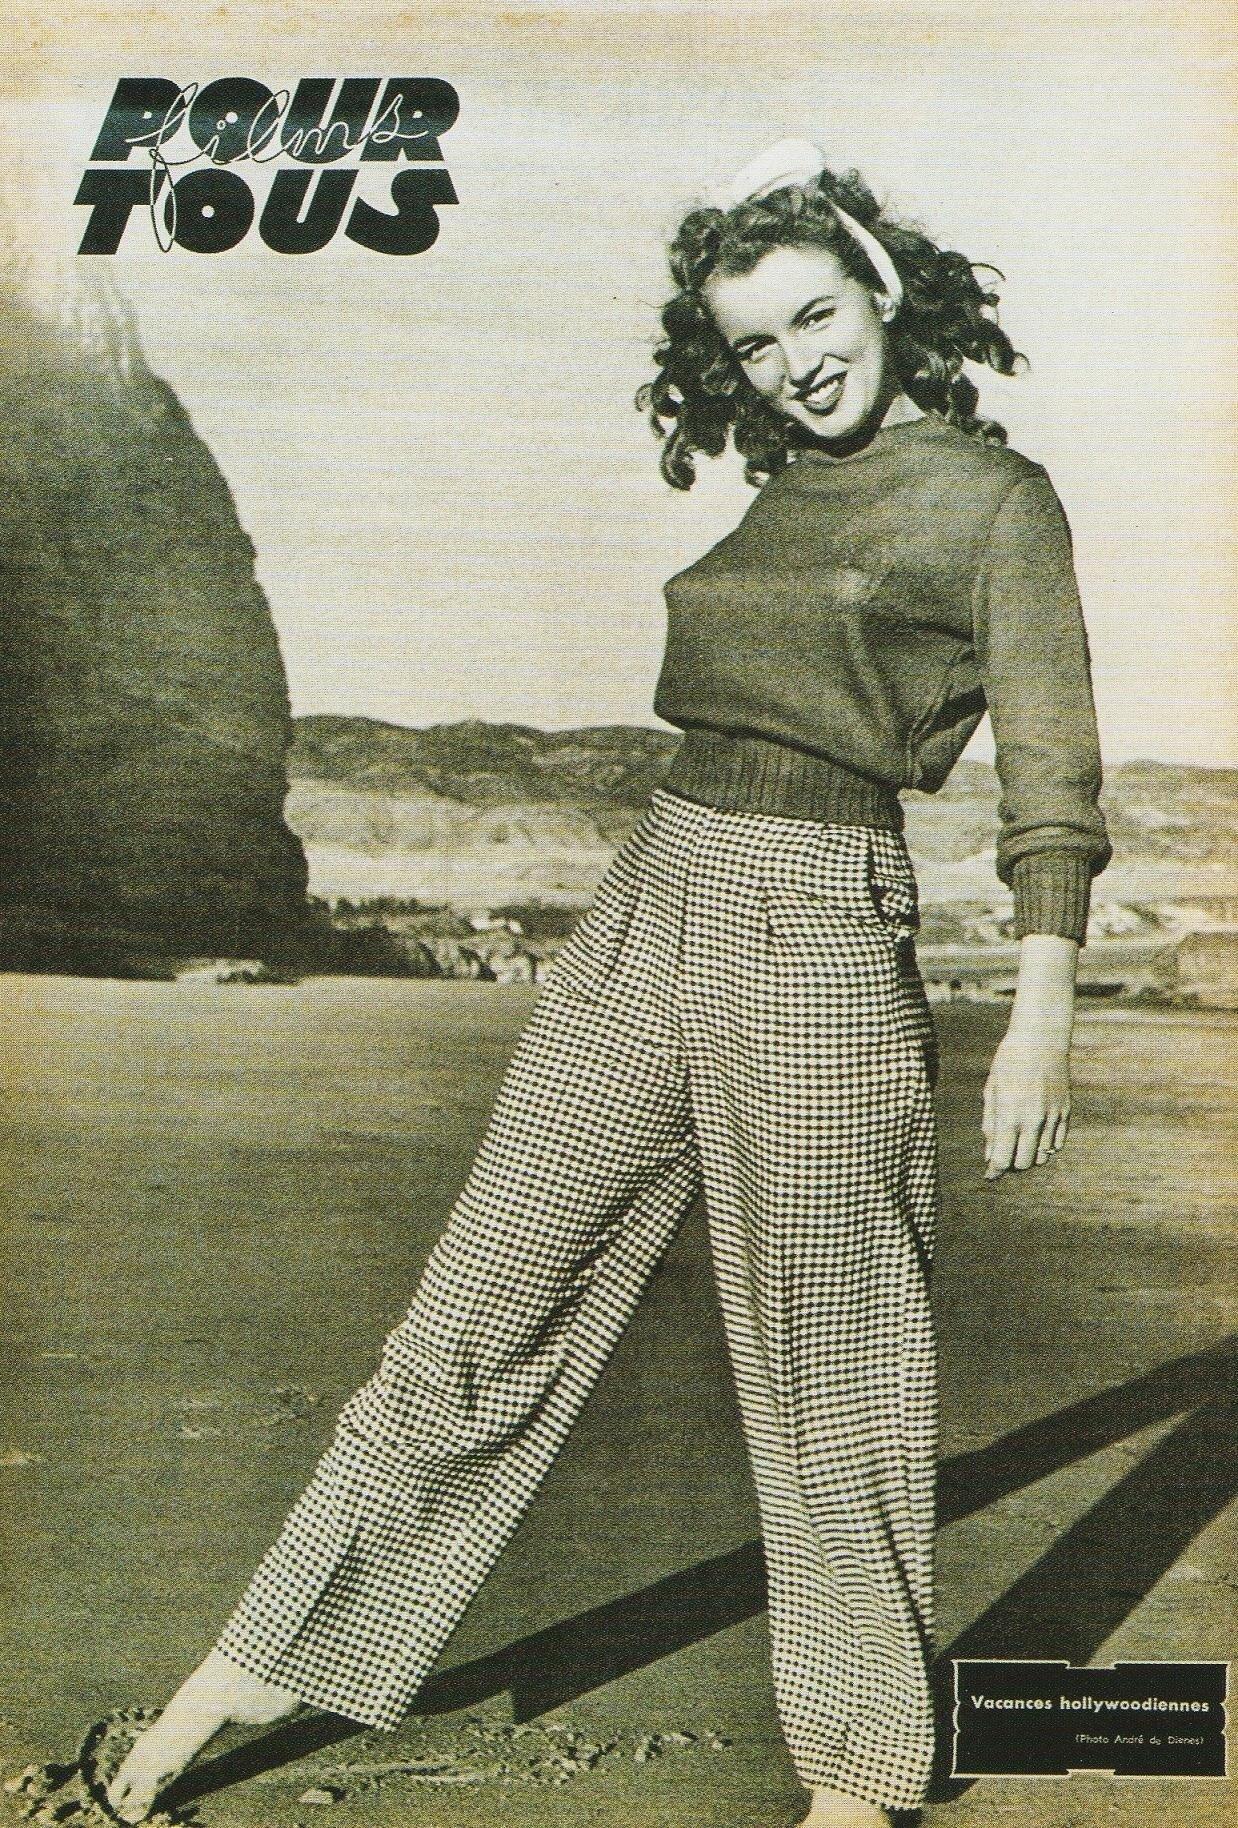 1946-08-27-films_pour_tous-france